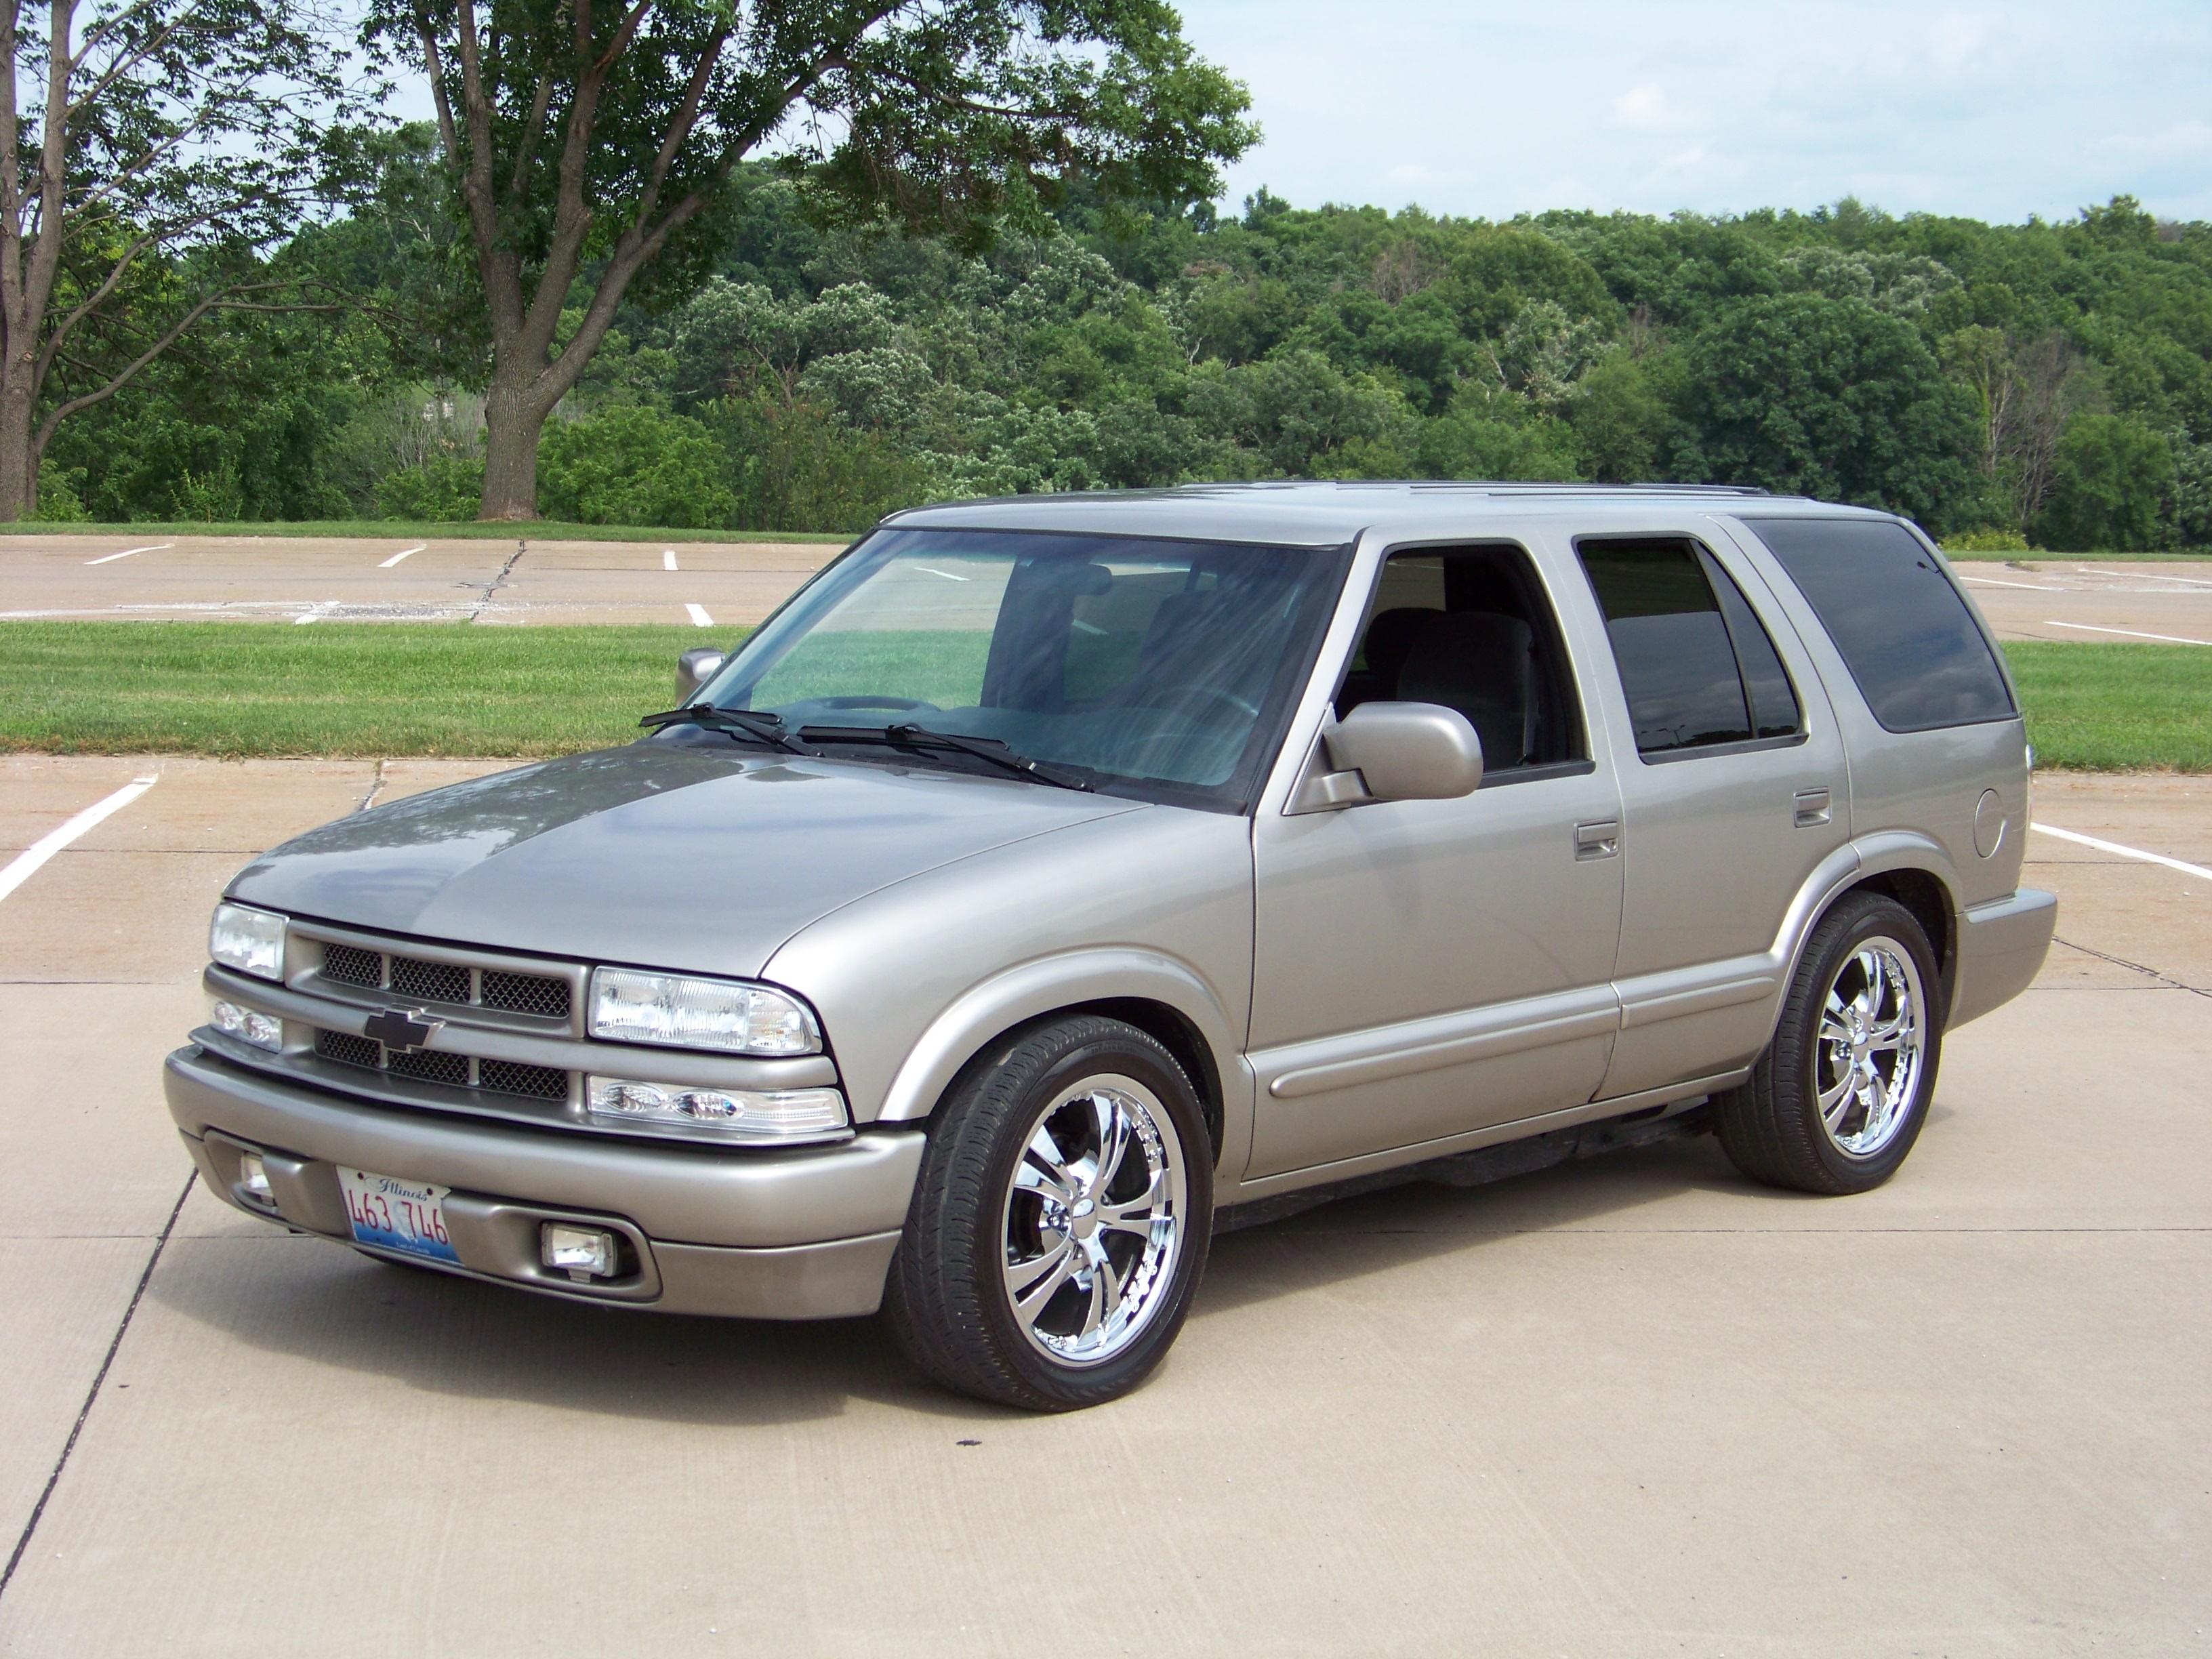 Chevrolet Blazer 2002 foto - 3